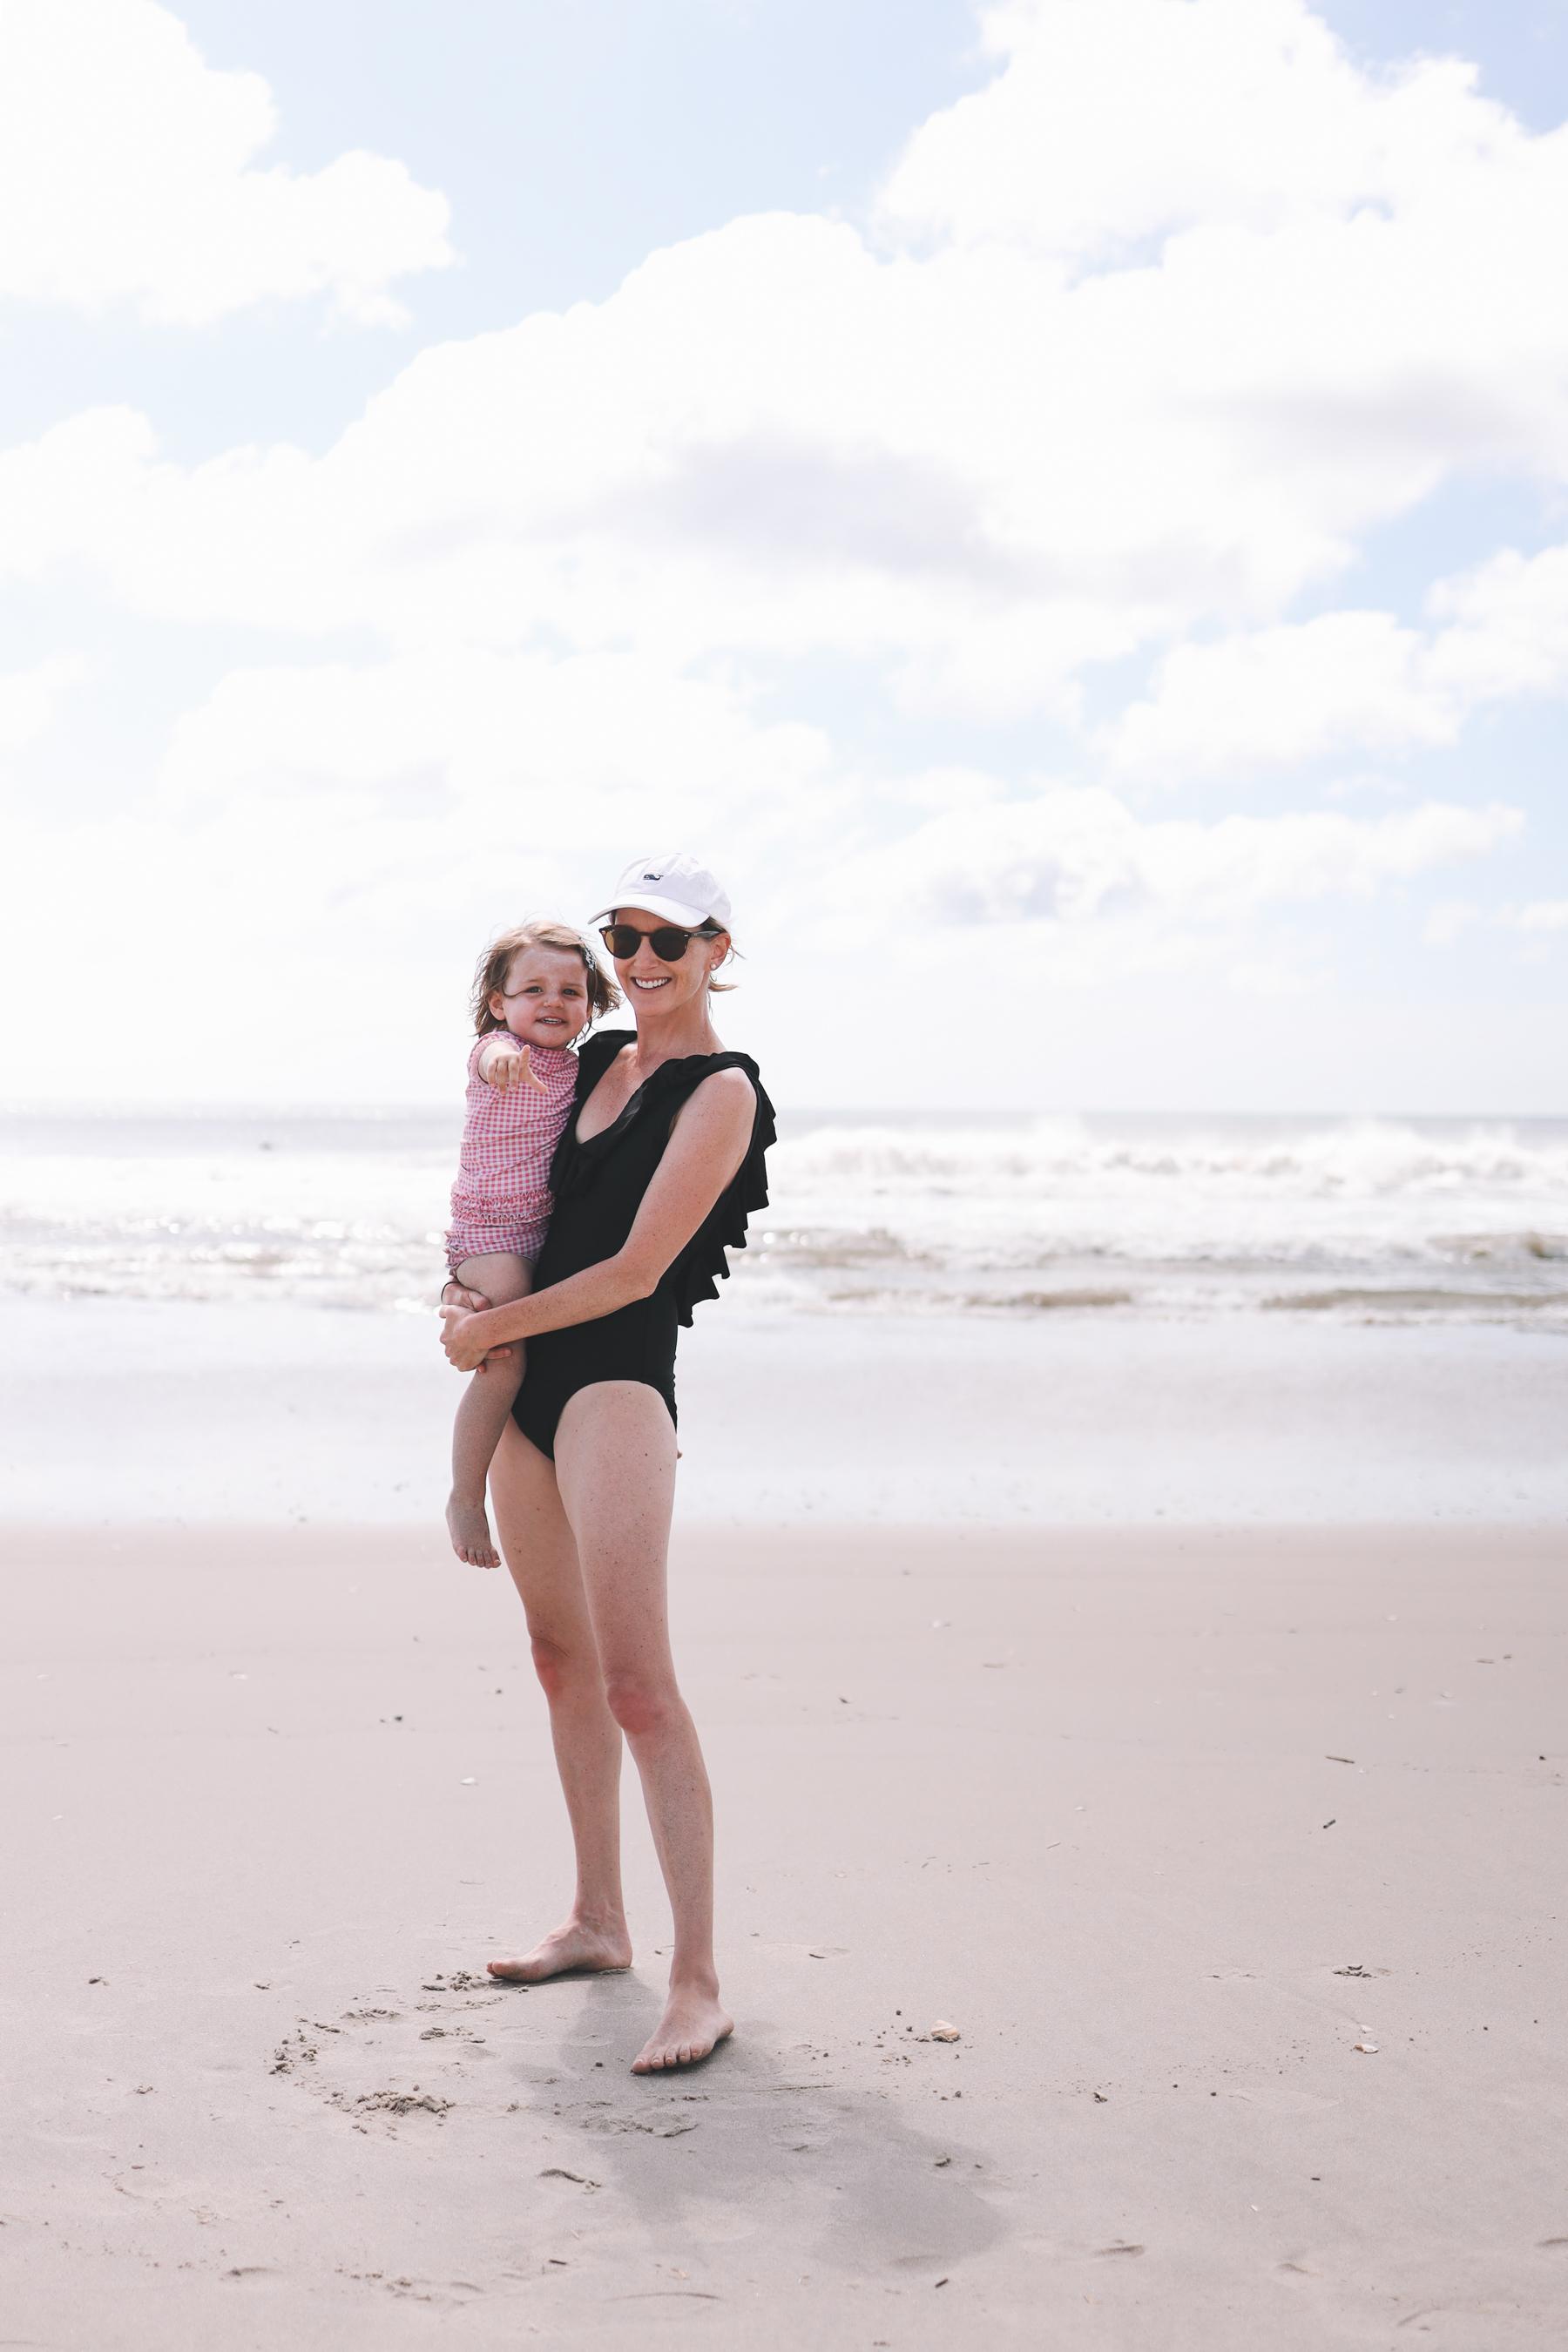 Ocean City Beach Days